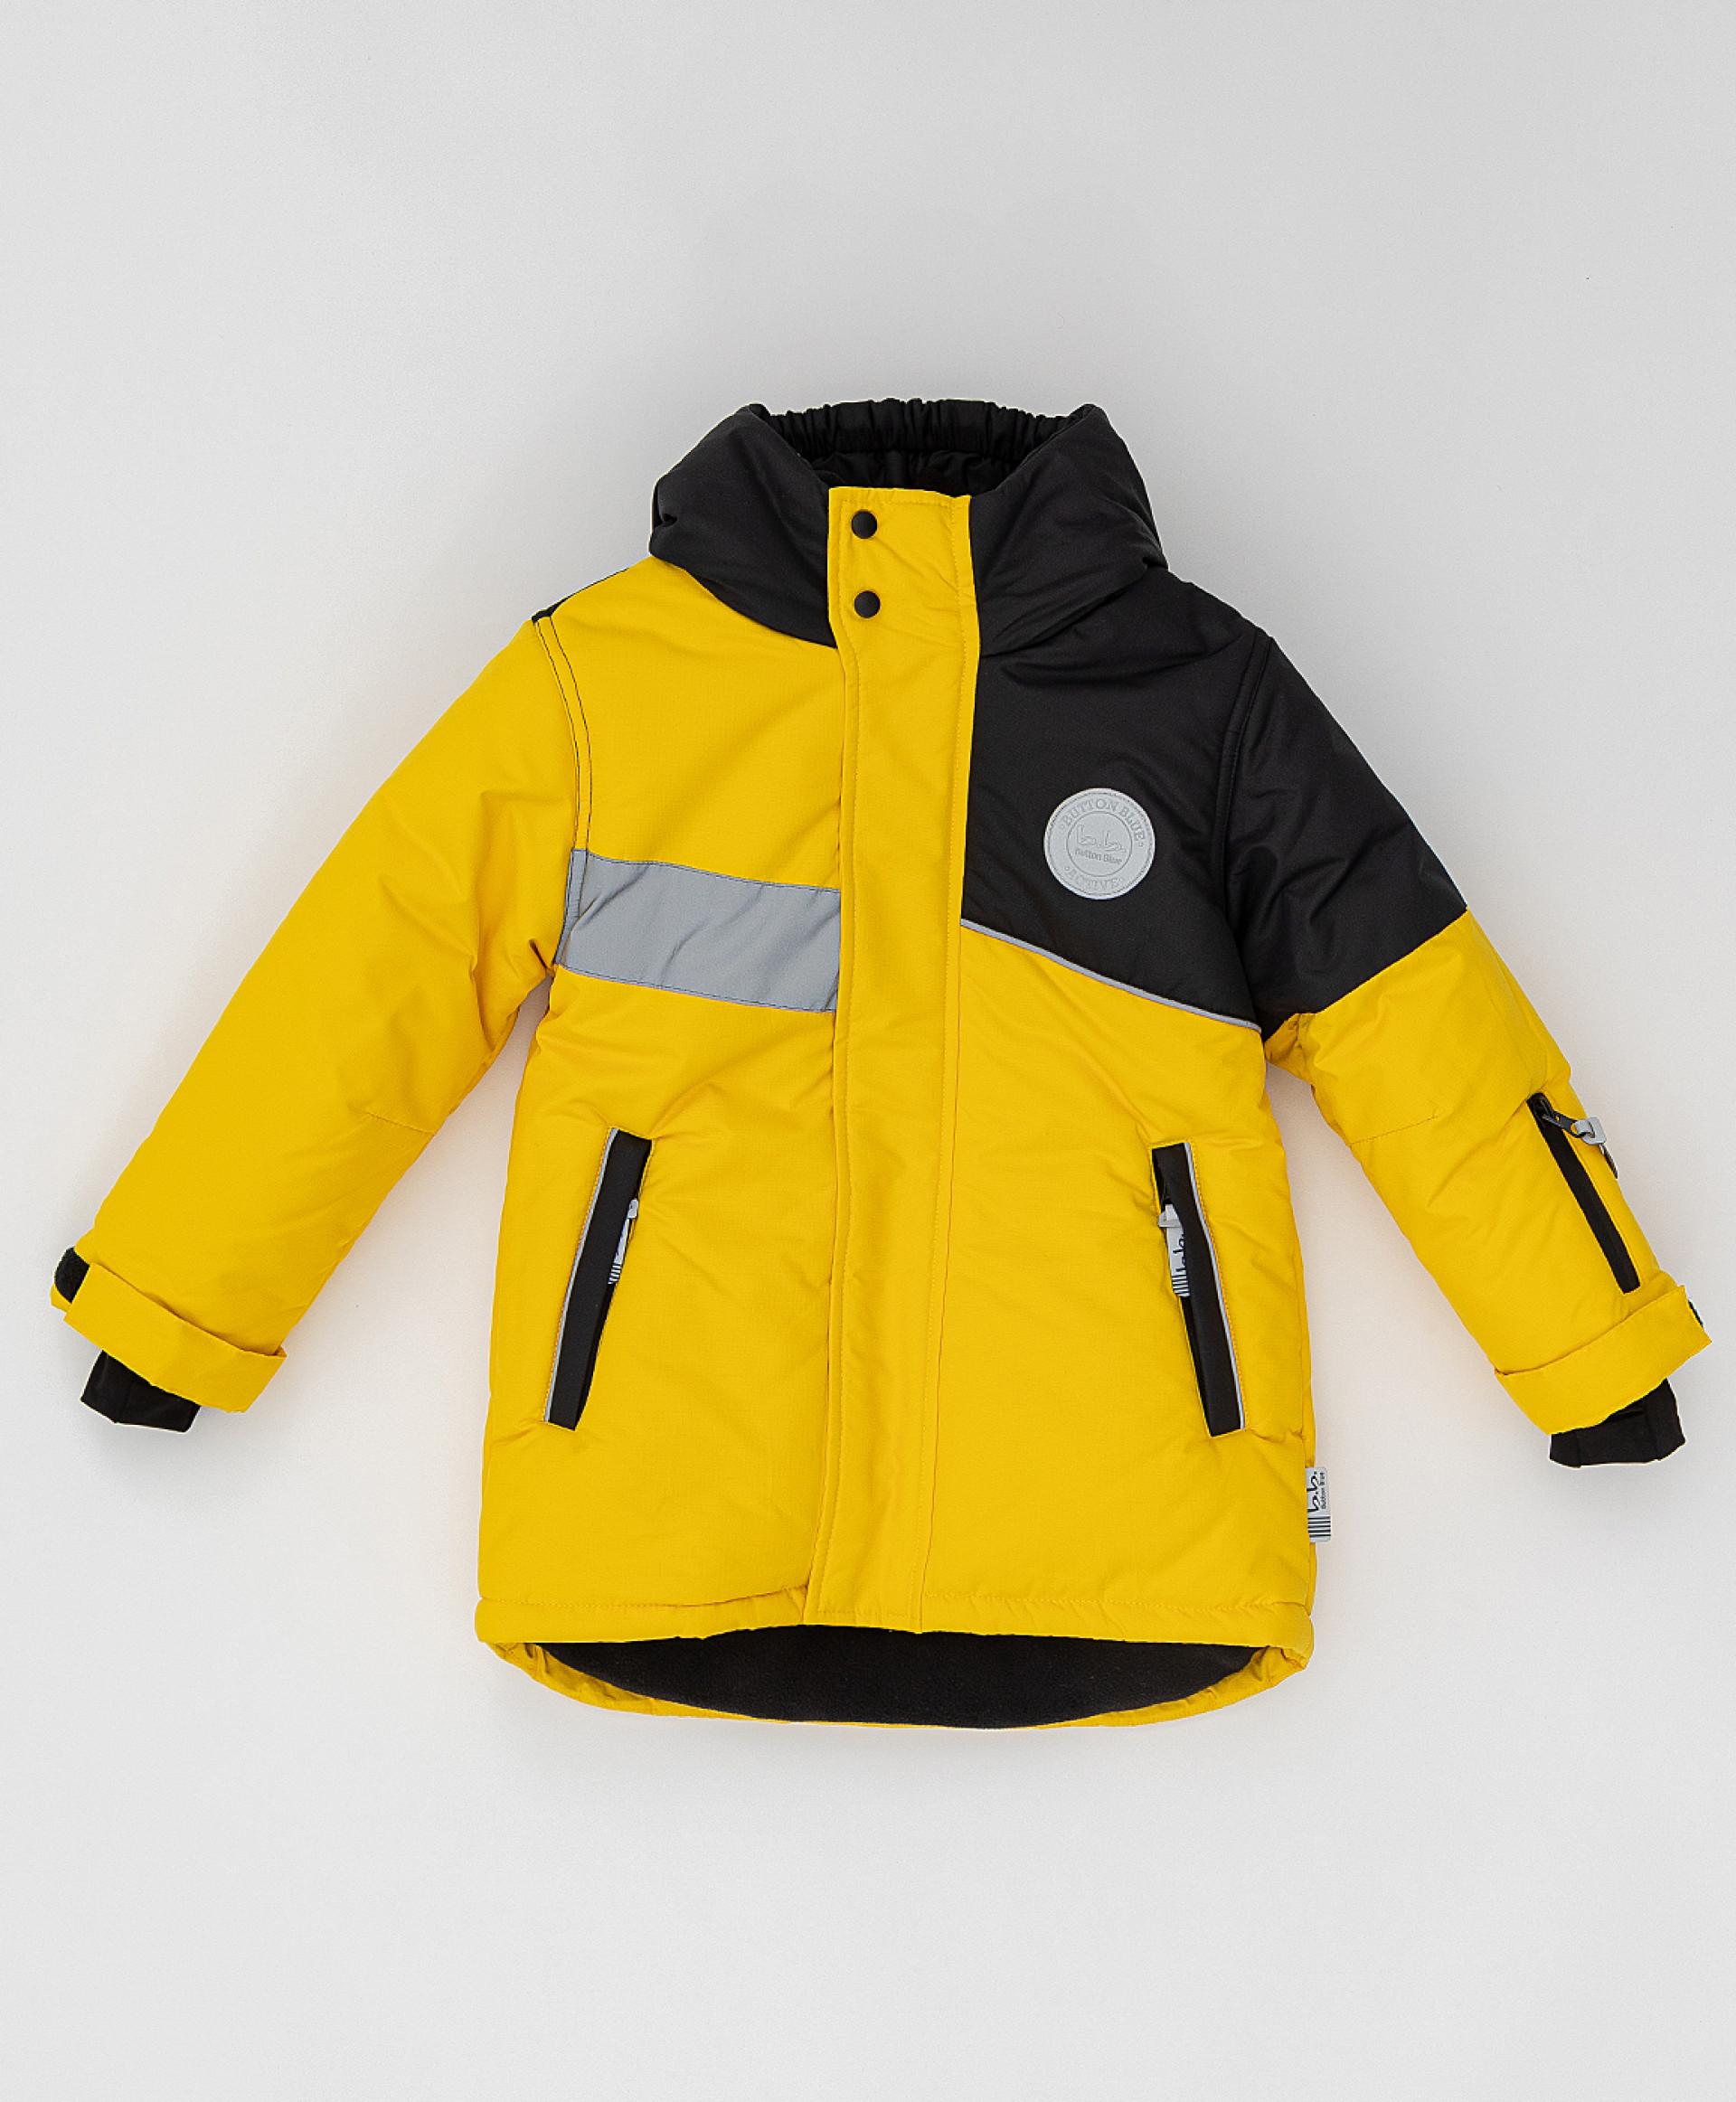 Зимнее пальто Active Button Blue 220BBBA45012700, размер 140,  - купить со скидкой